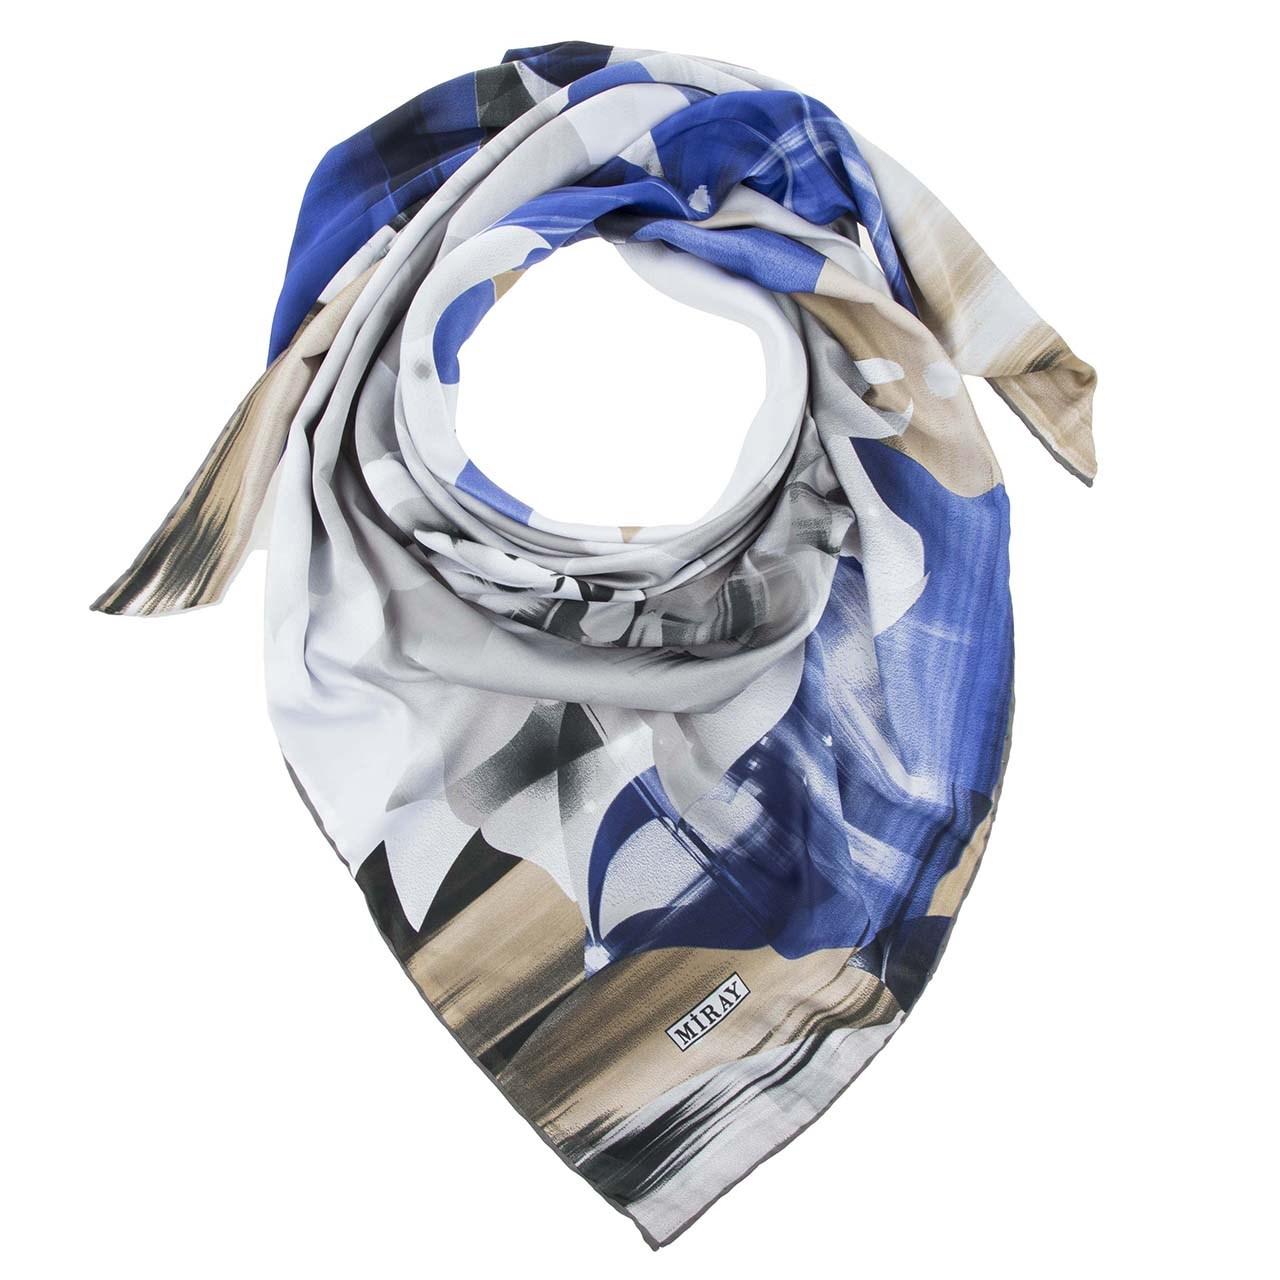 روسری میرای مدل M-221 - شال مارکت